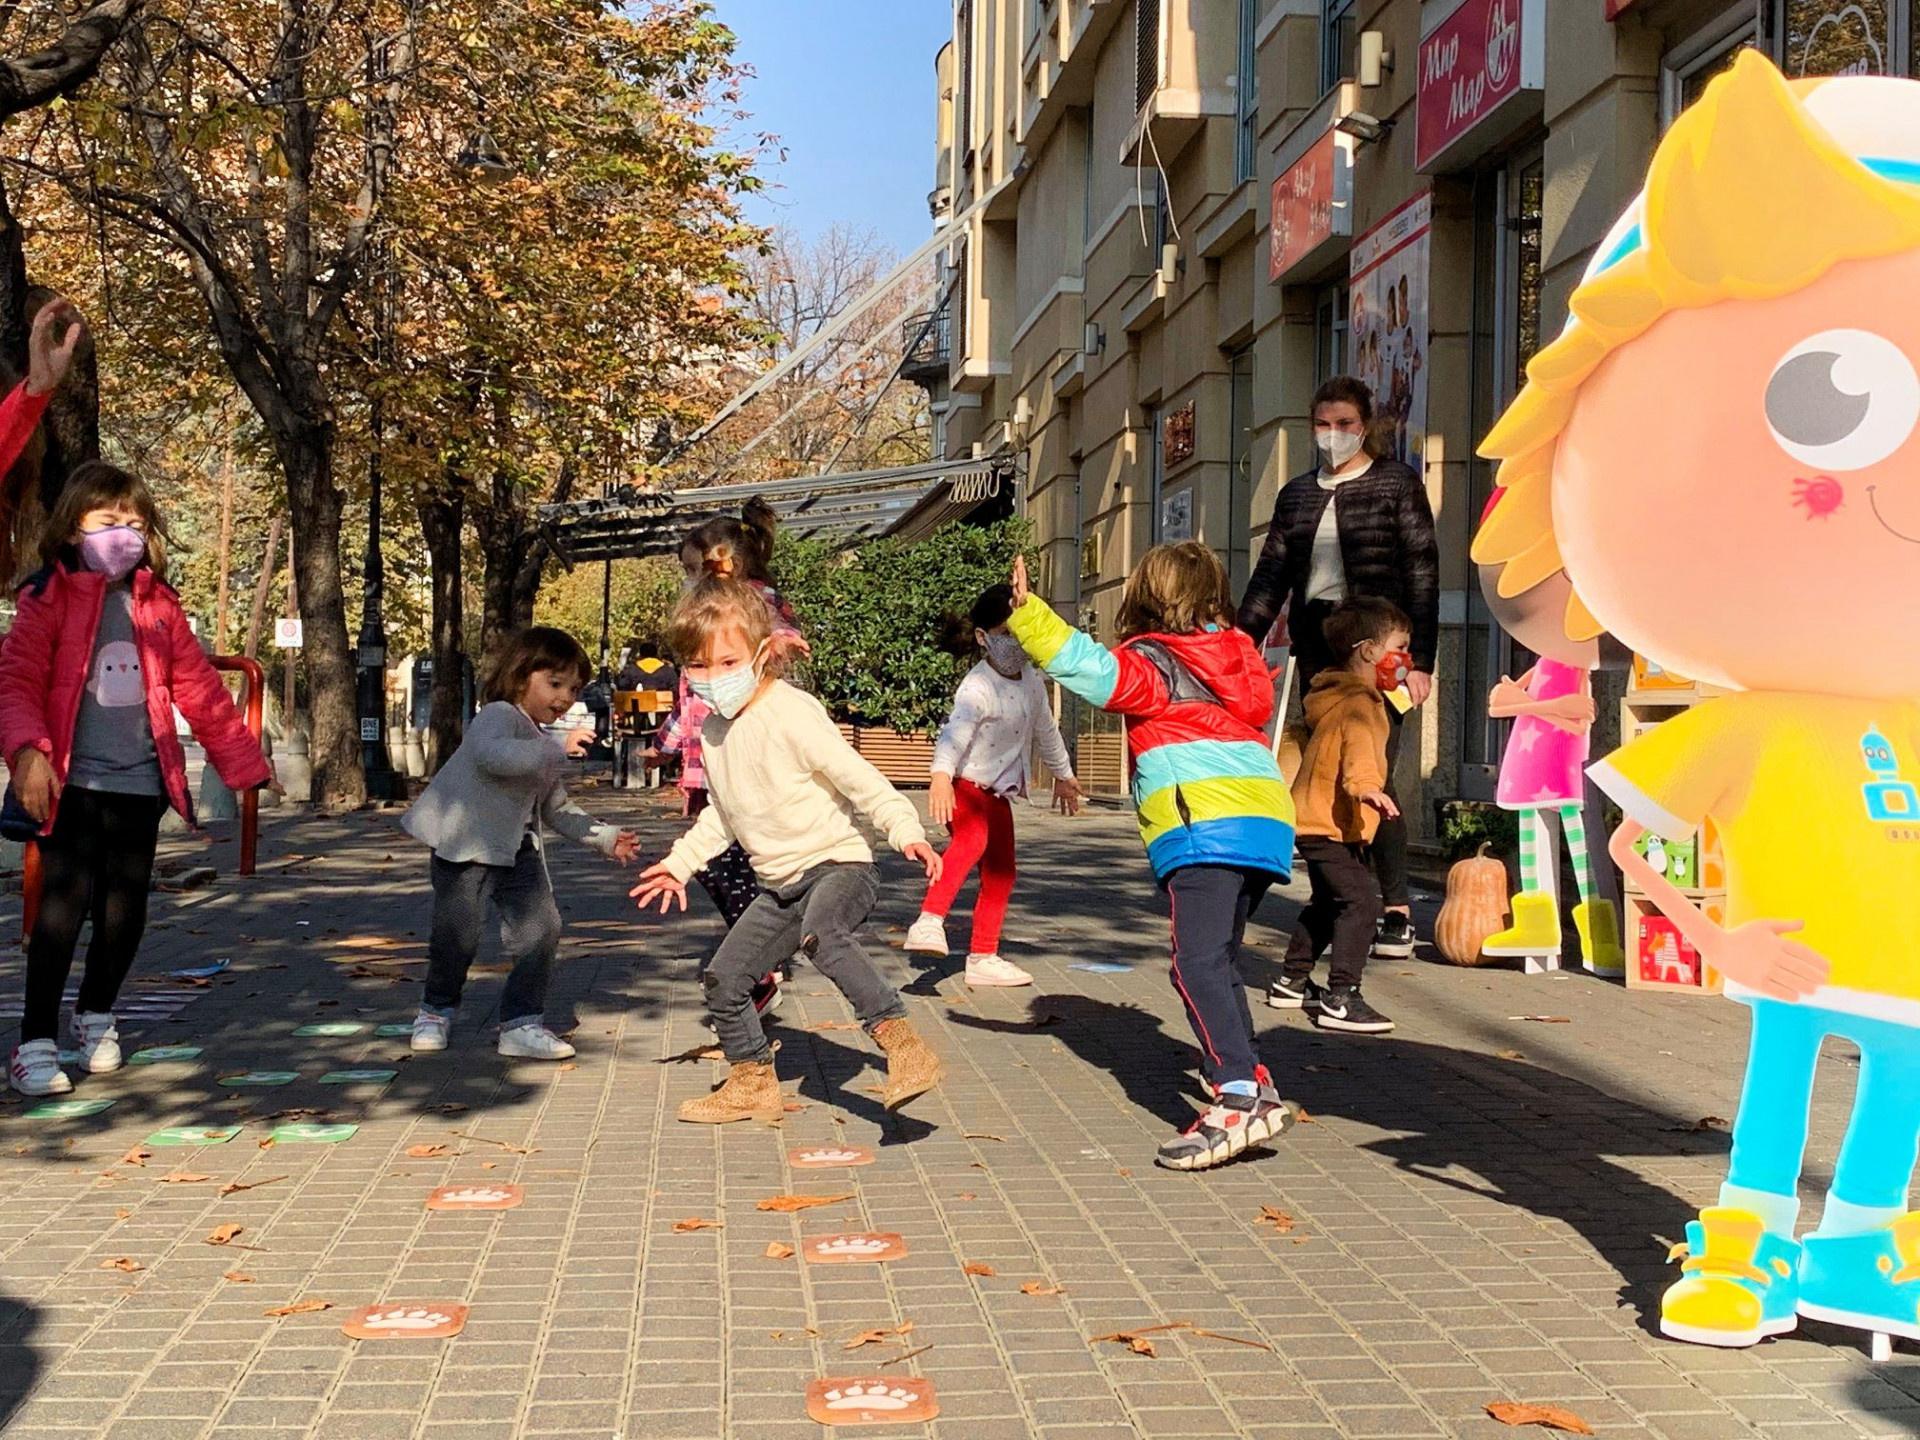 Скокавме и потскокнувавме - среќни фотки и среќни деца